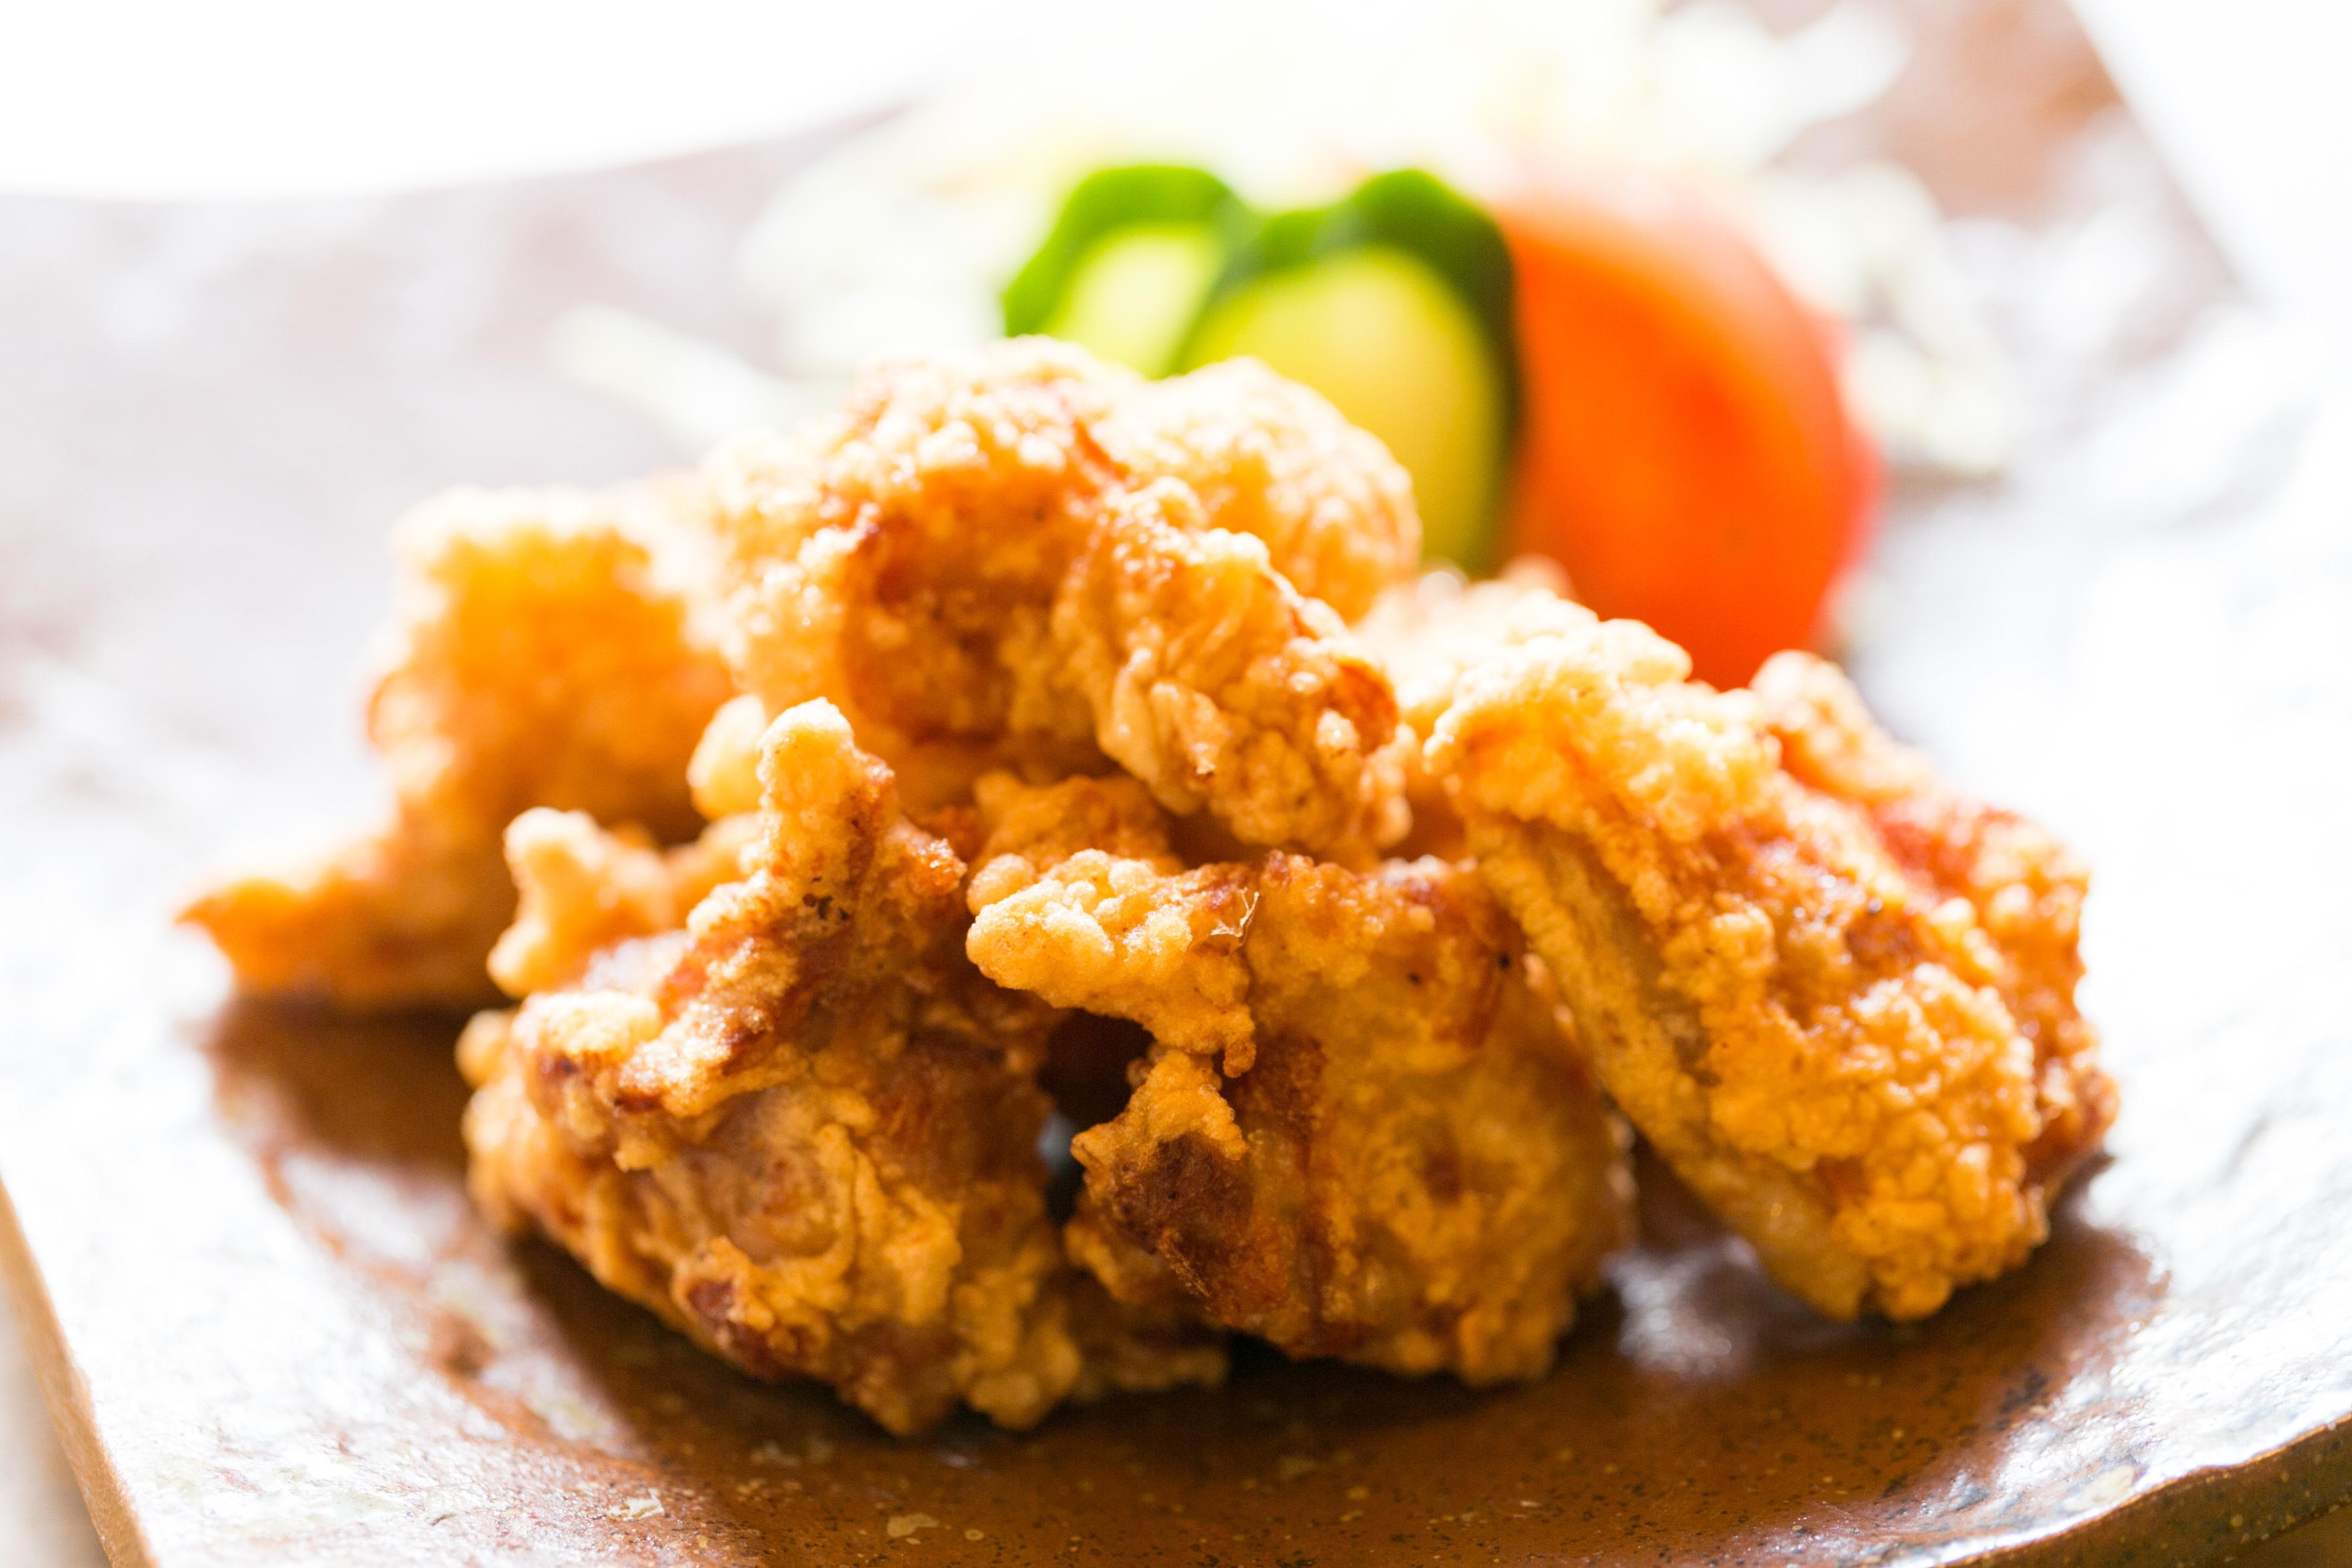 【お肉を味わうならコレ!】土佐ジロー1羽(正肉セット)【冷蔵/冷凍】